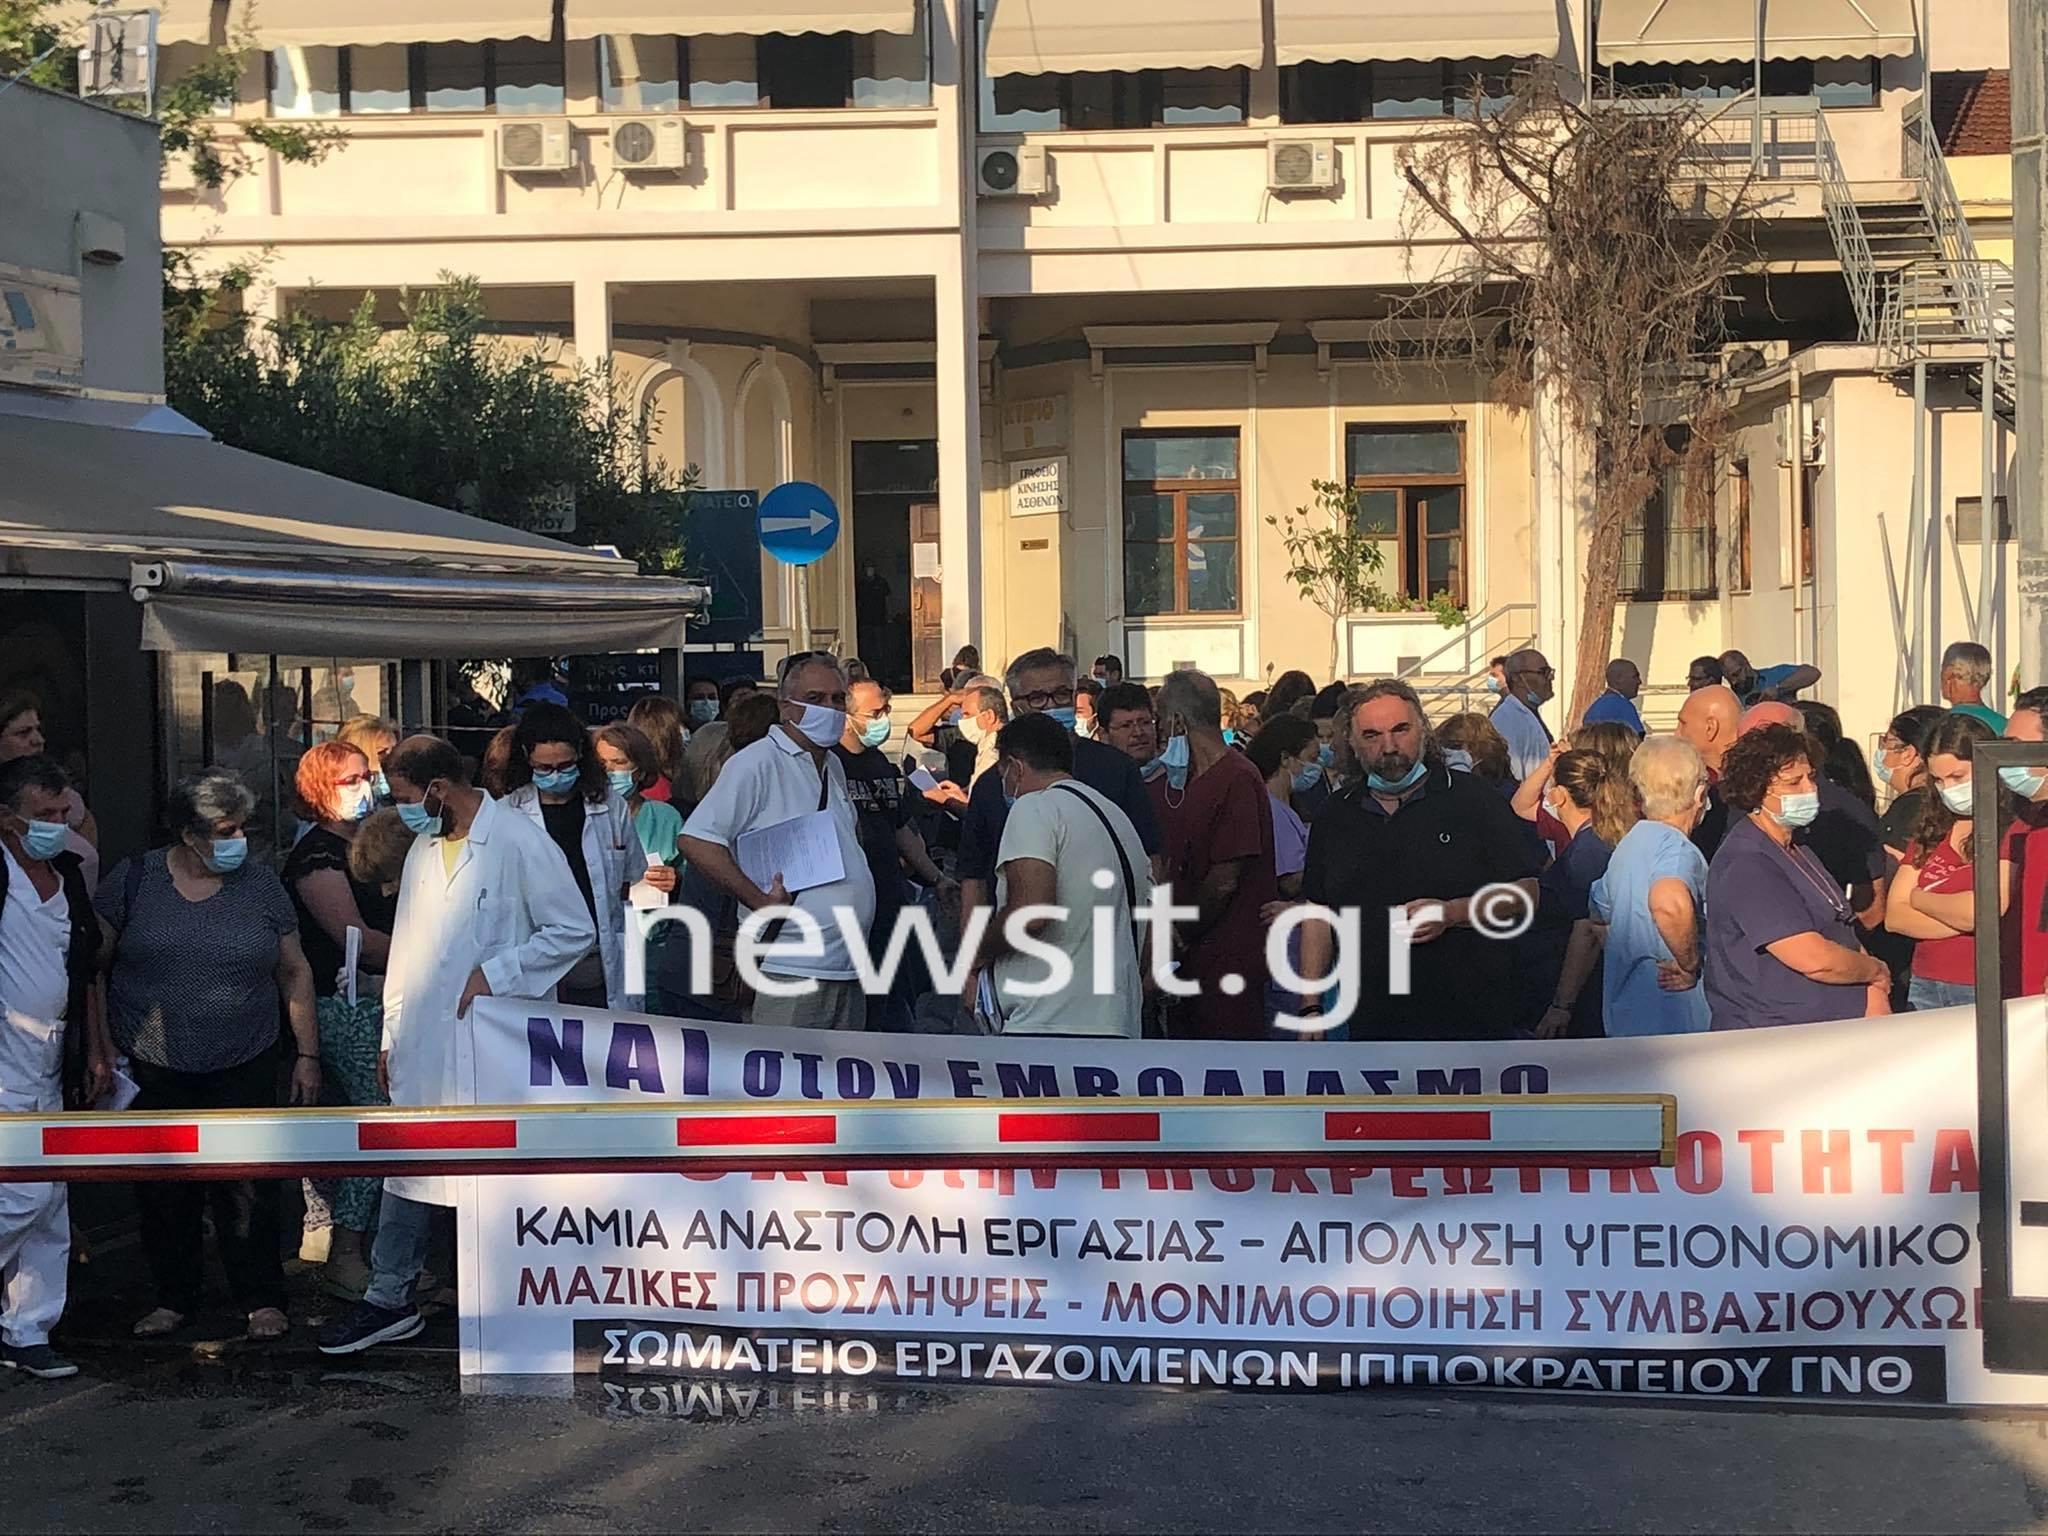 Θεσσαλονίκη: Με καρτελάκια οι εμβολιασμένοι υγειονομικοί στο ΑΧΕΠΑ – Κανονικά οι ανεμβολίαστοι στο Γεννηματάς